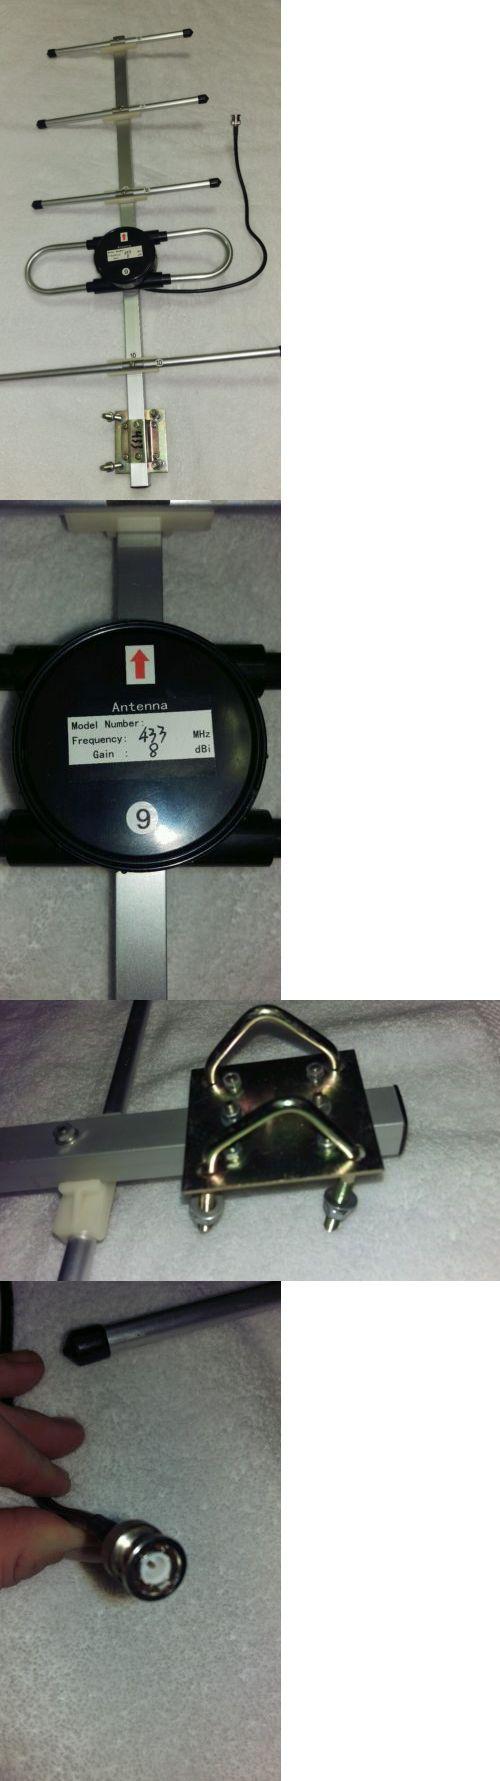 Other Radio Antennas: Scherrer 433Mhz Yagi Antenna 8 Dbi Fpv Video Drone Uav BUY IT NOW ONLY: $80.0